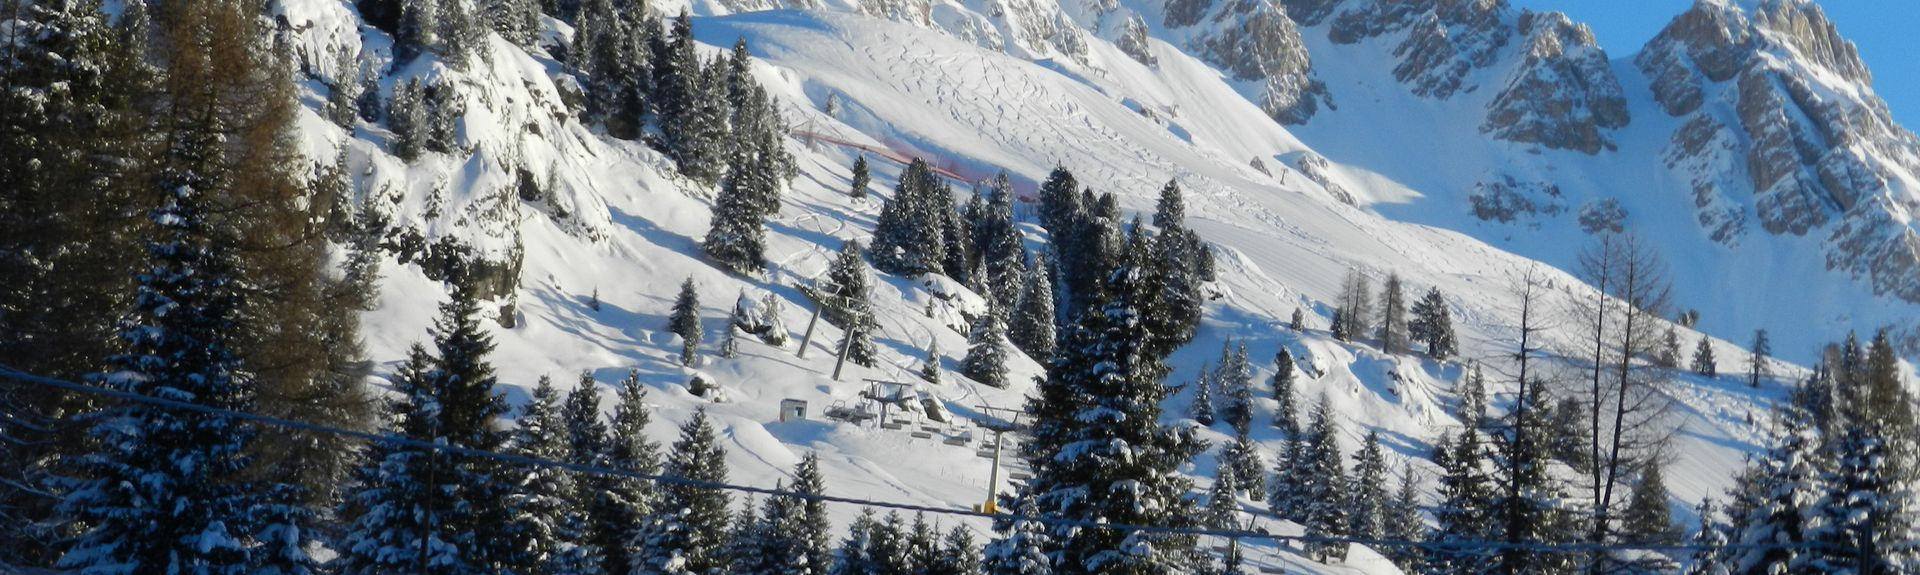 Mazzin, Trento, Trentino-Alto Adige/South Tyrol, Italy